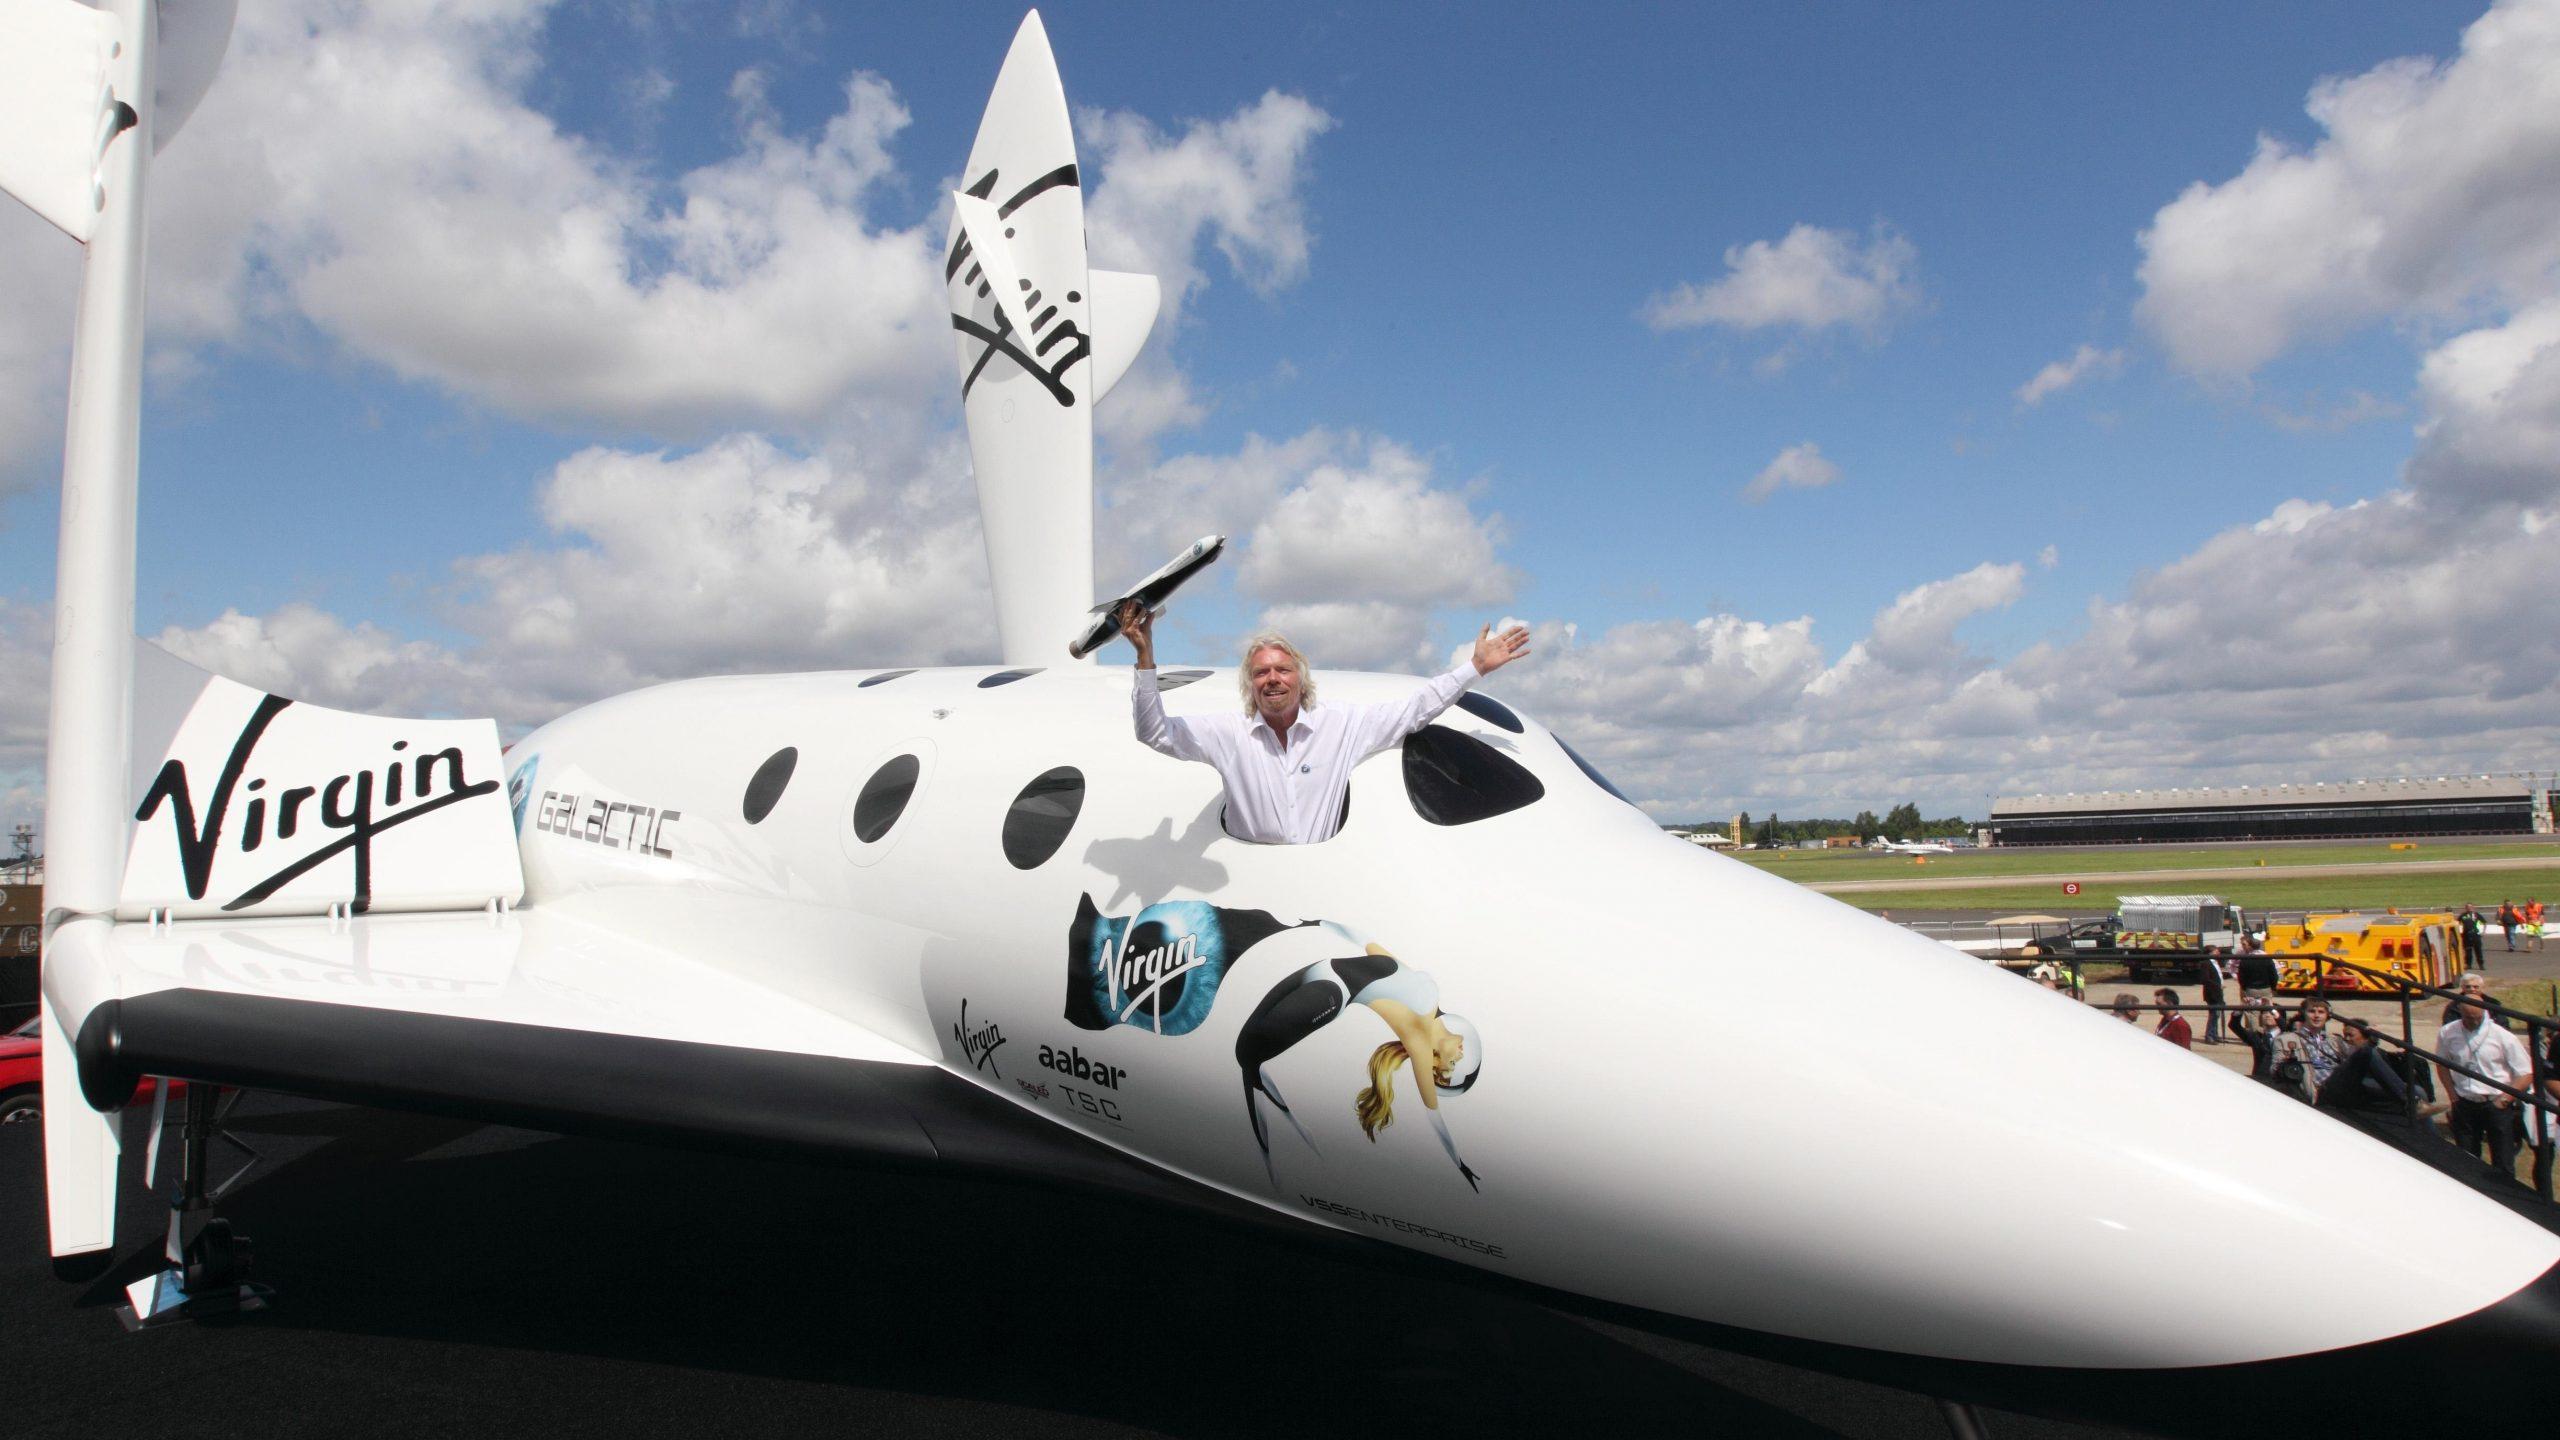 Richard Branson ganó la carrera de viajes turísticos al espacio entre multimillonarios